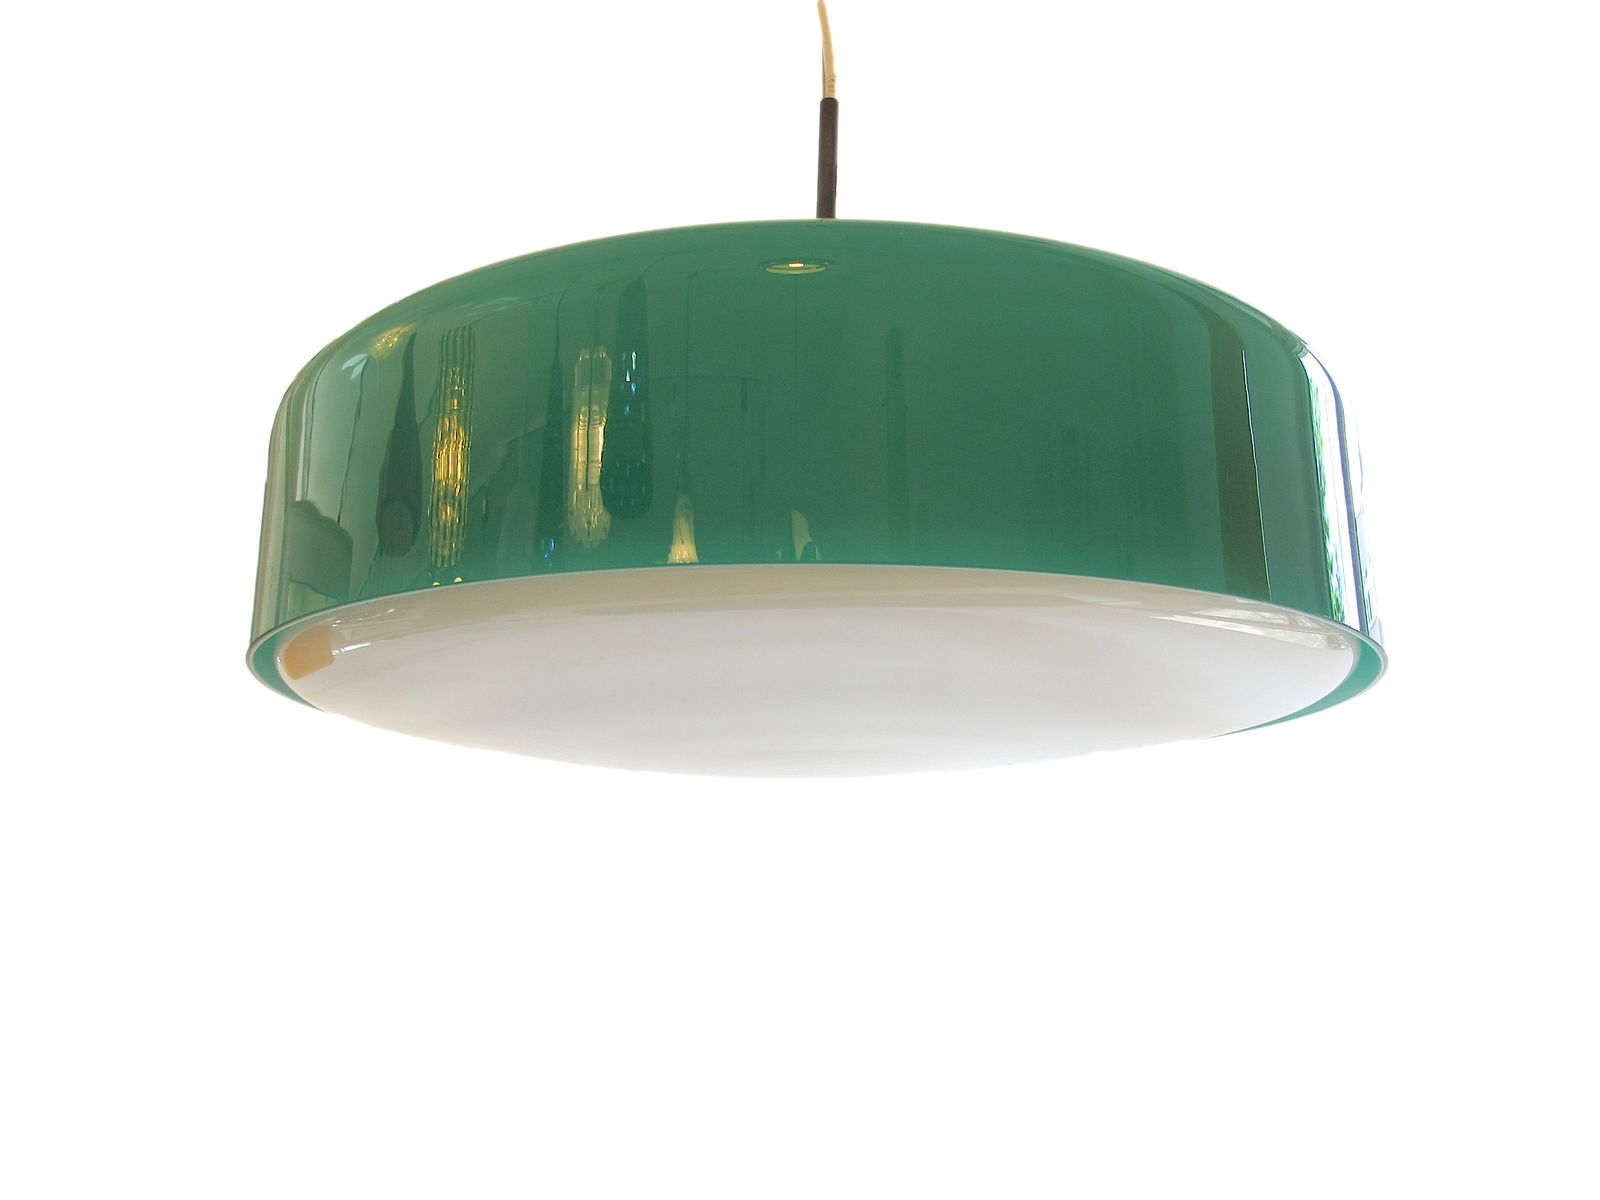 Grüne Glas Hängeleuchte von Vistosi, 1960er